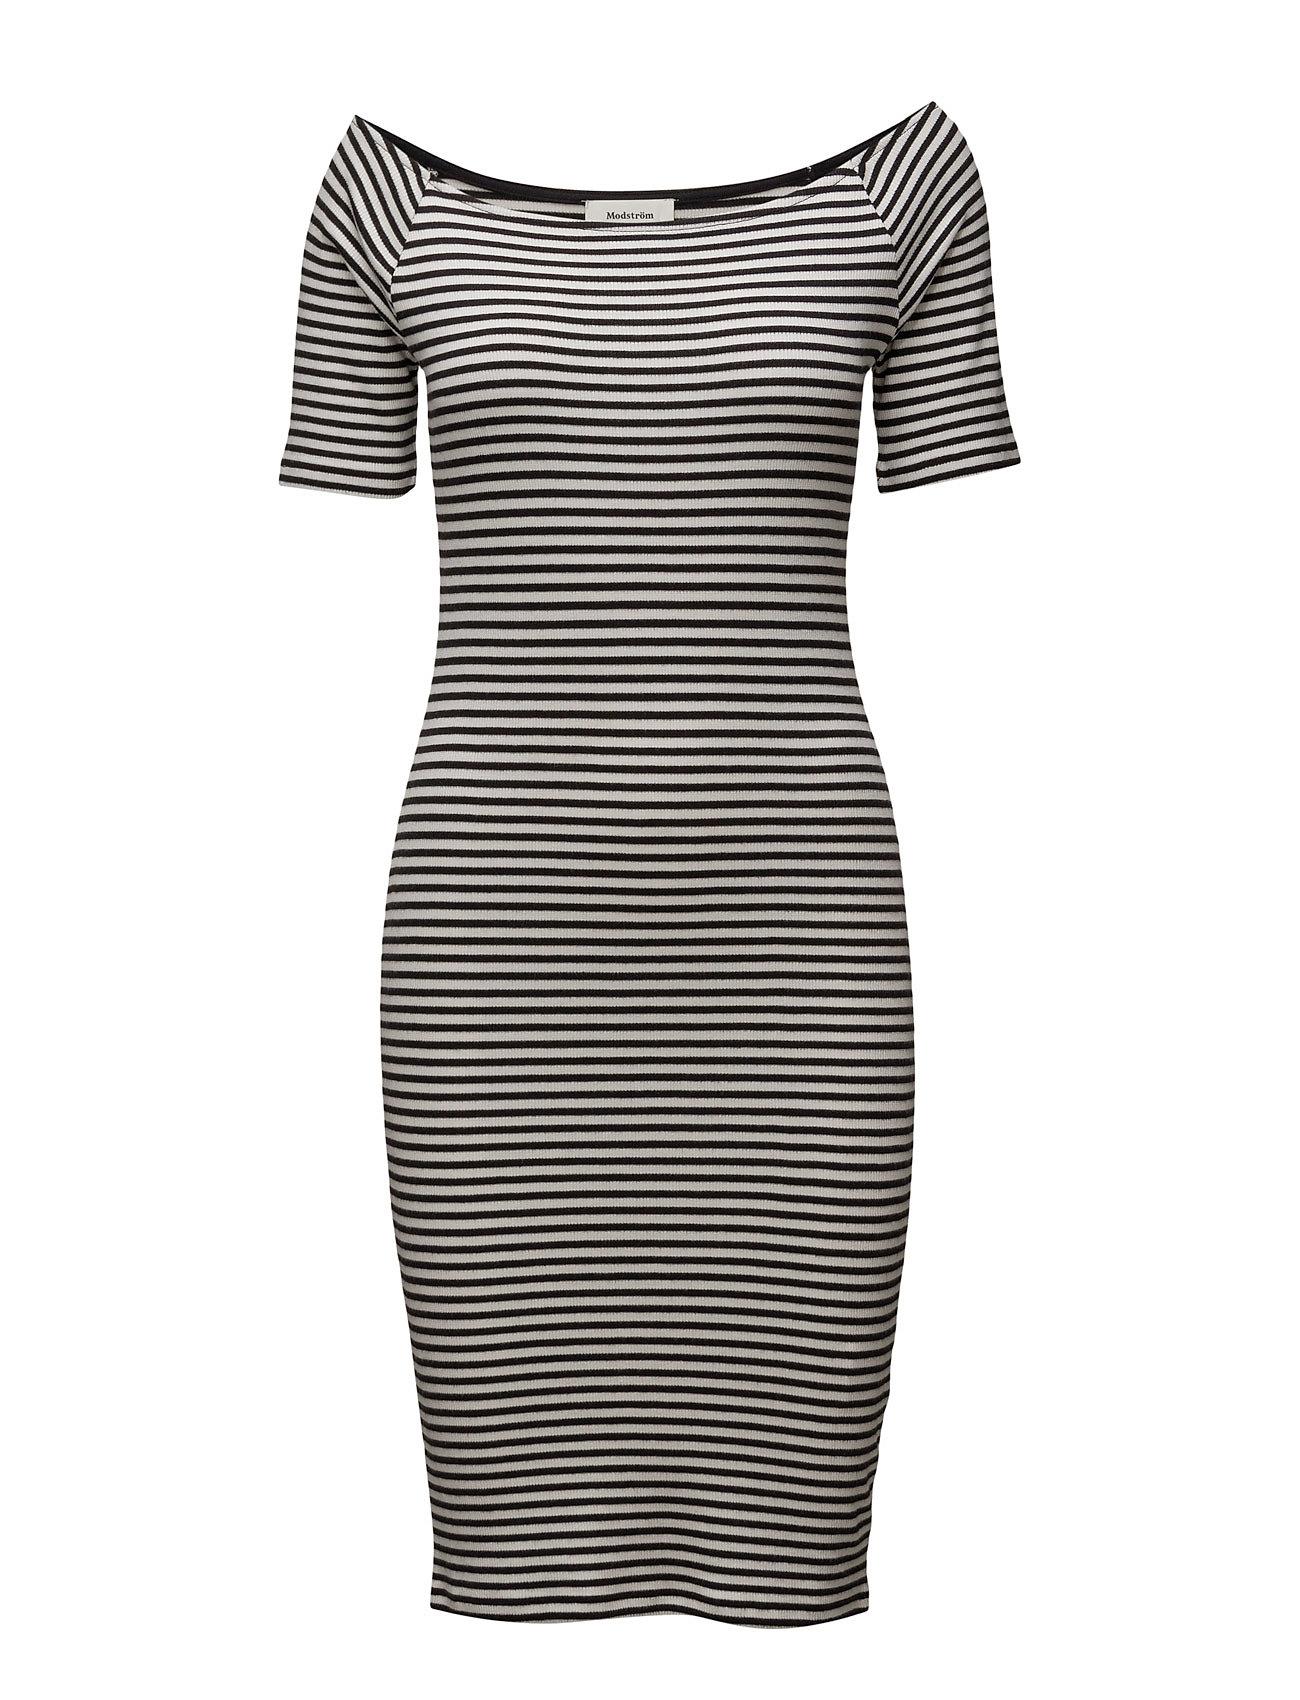 Krown Stripe Off Shoulder Dress Modstrˆm Knælange & mellemlange til Damer i